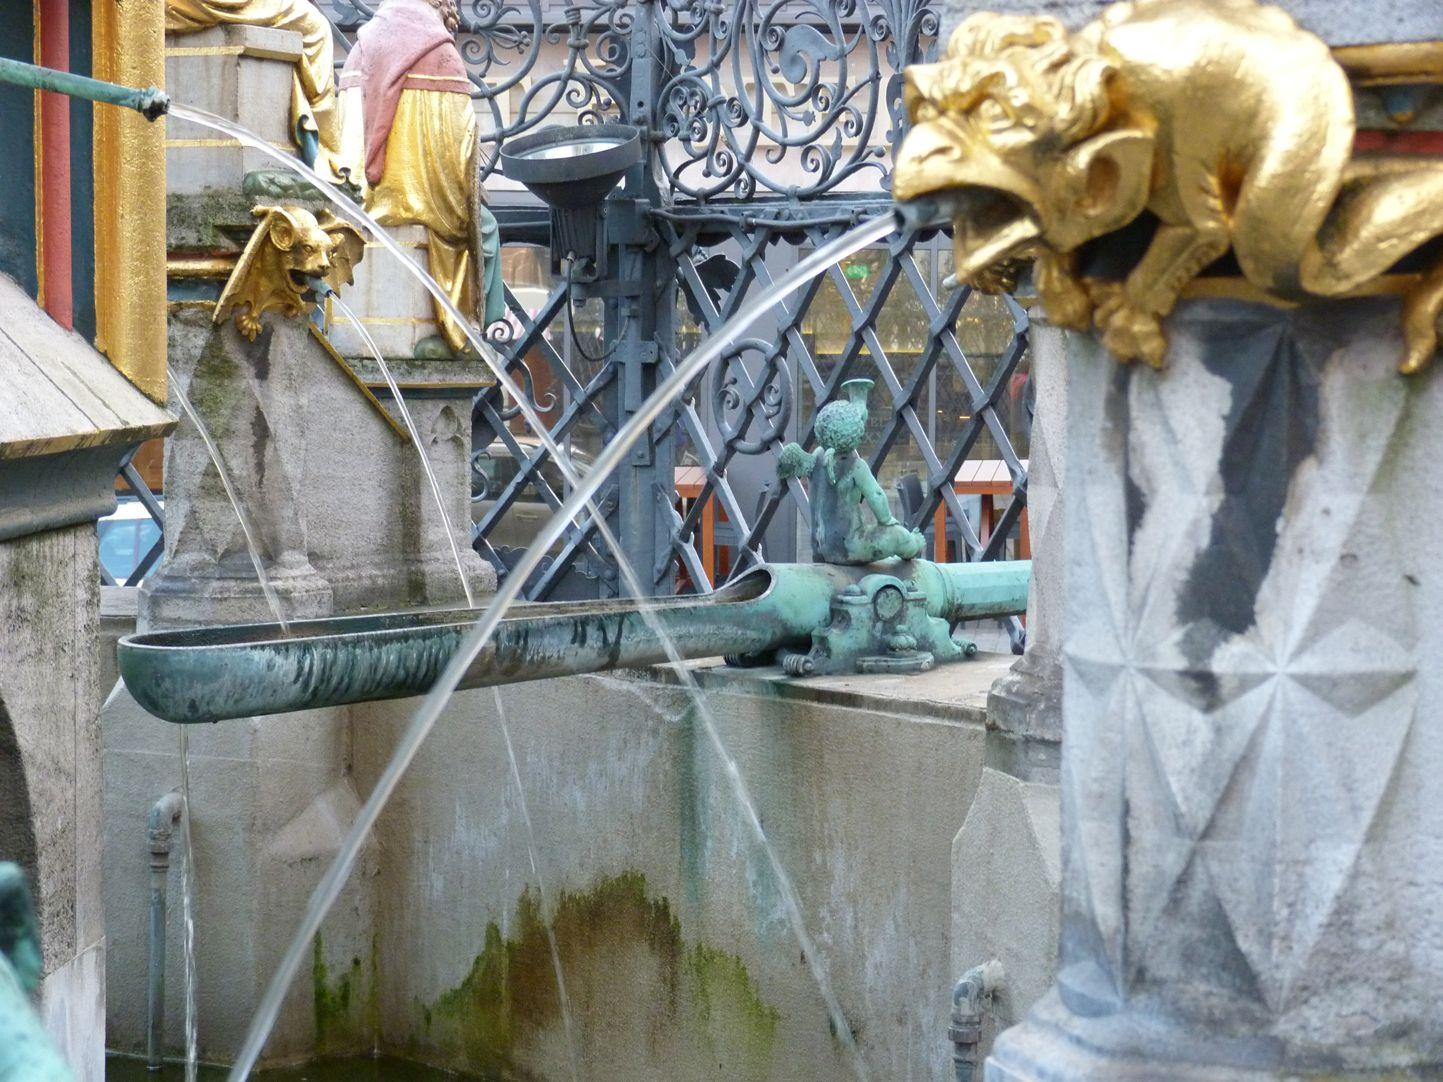 Schöner Brunnen Becken mit Wasserspeiern